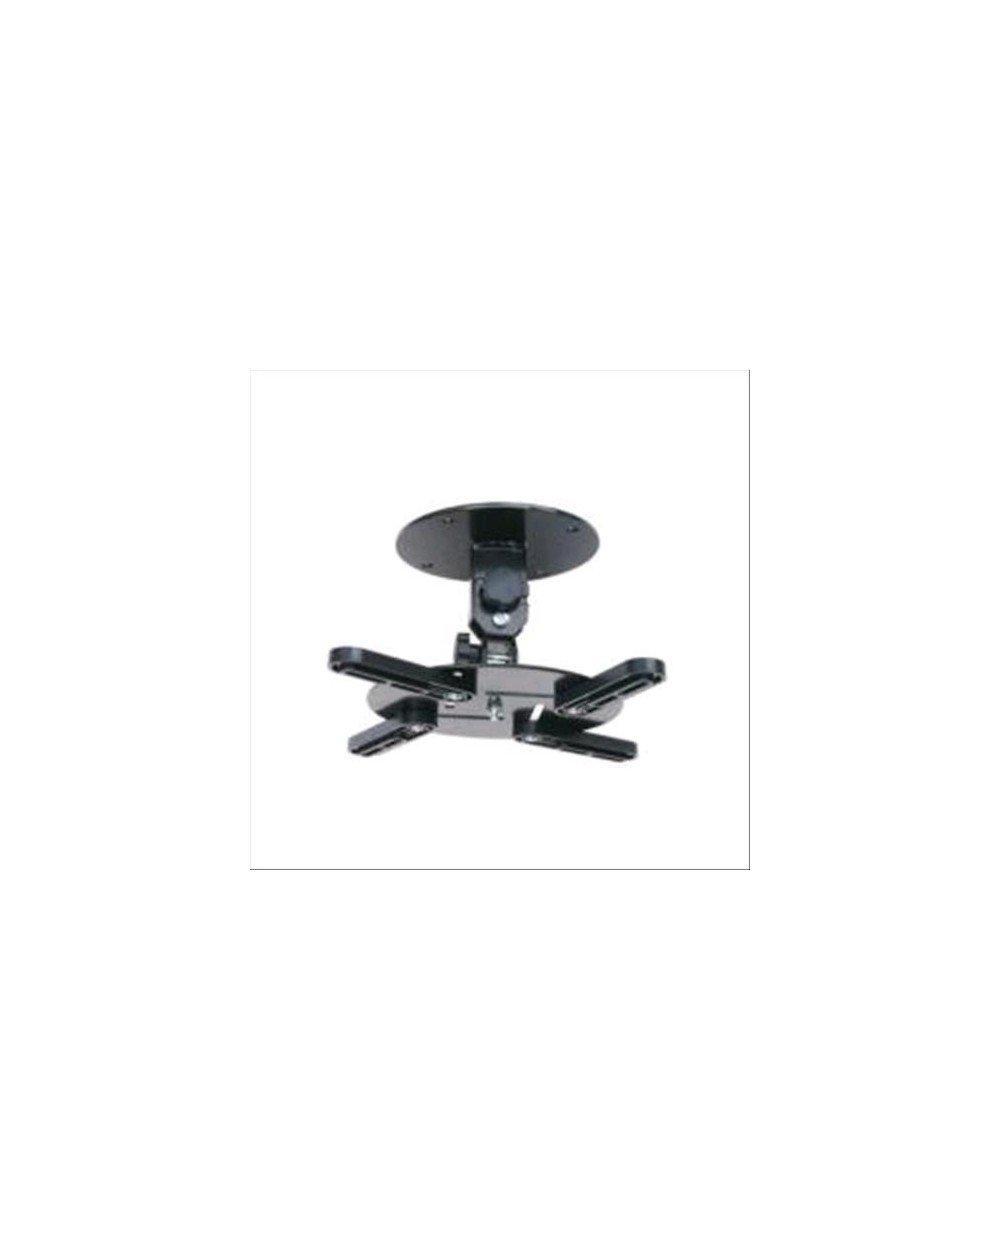 ITB AMOM06080 Soffitto Nero supporto per proiettore